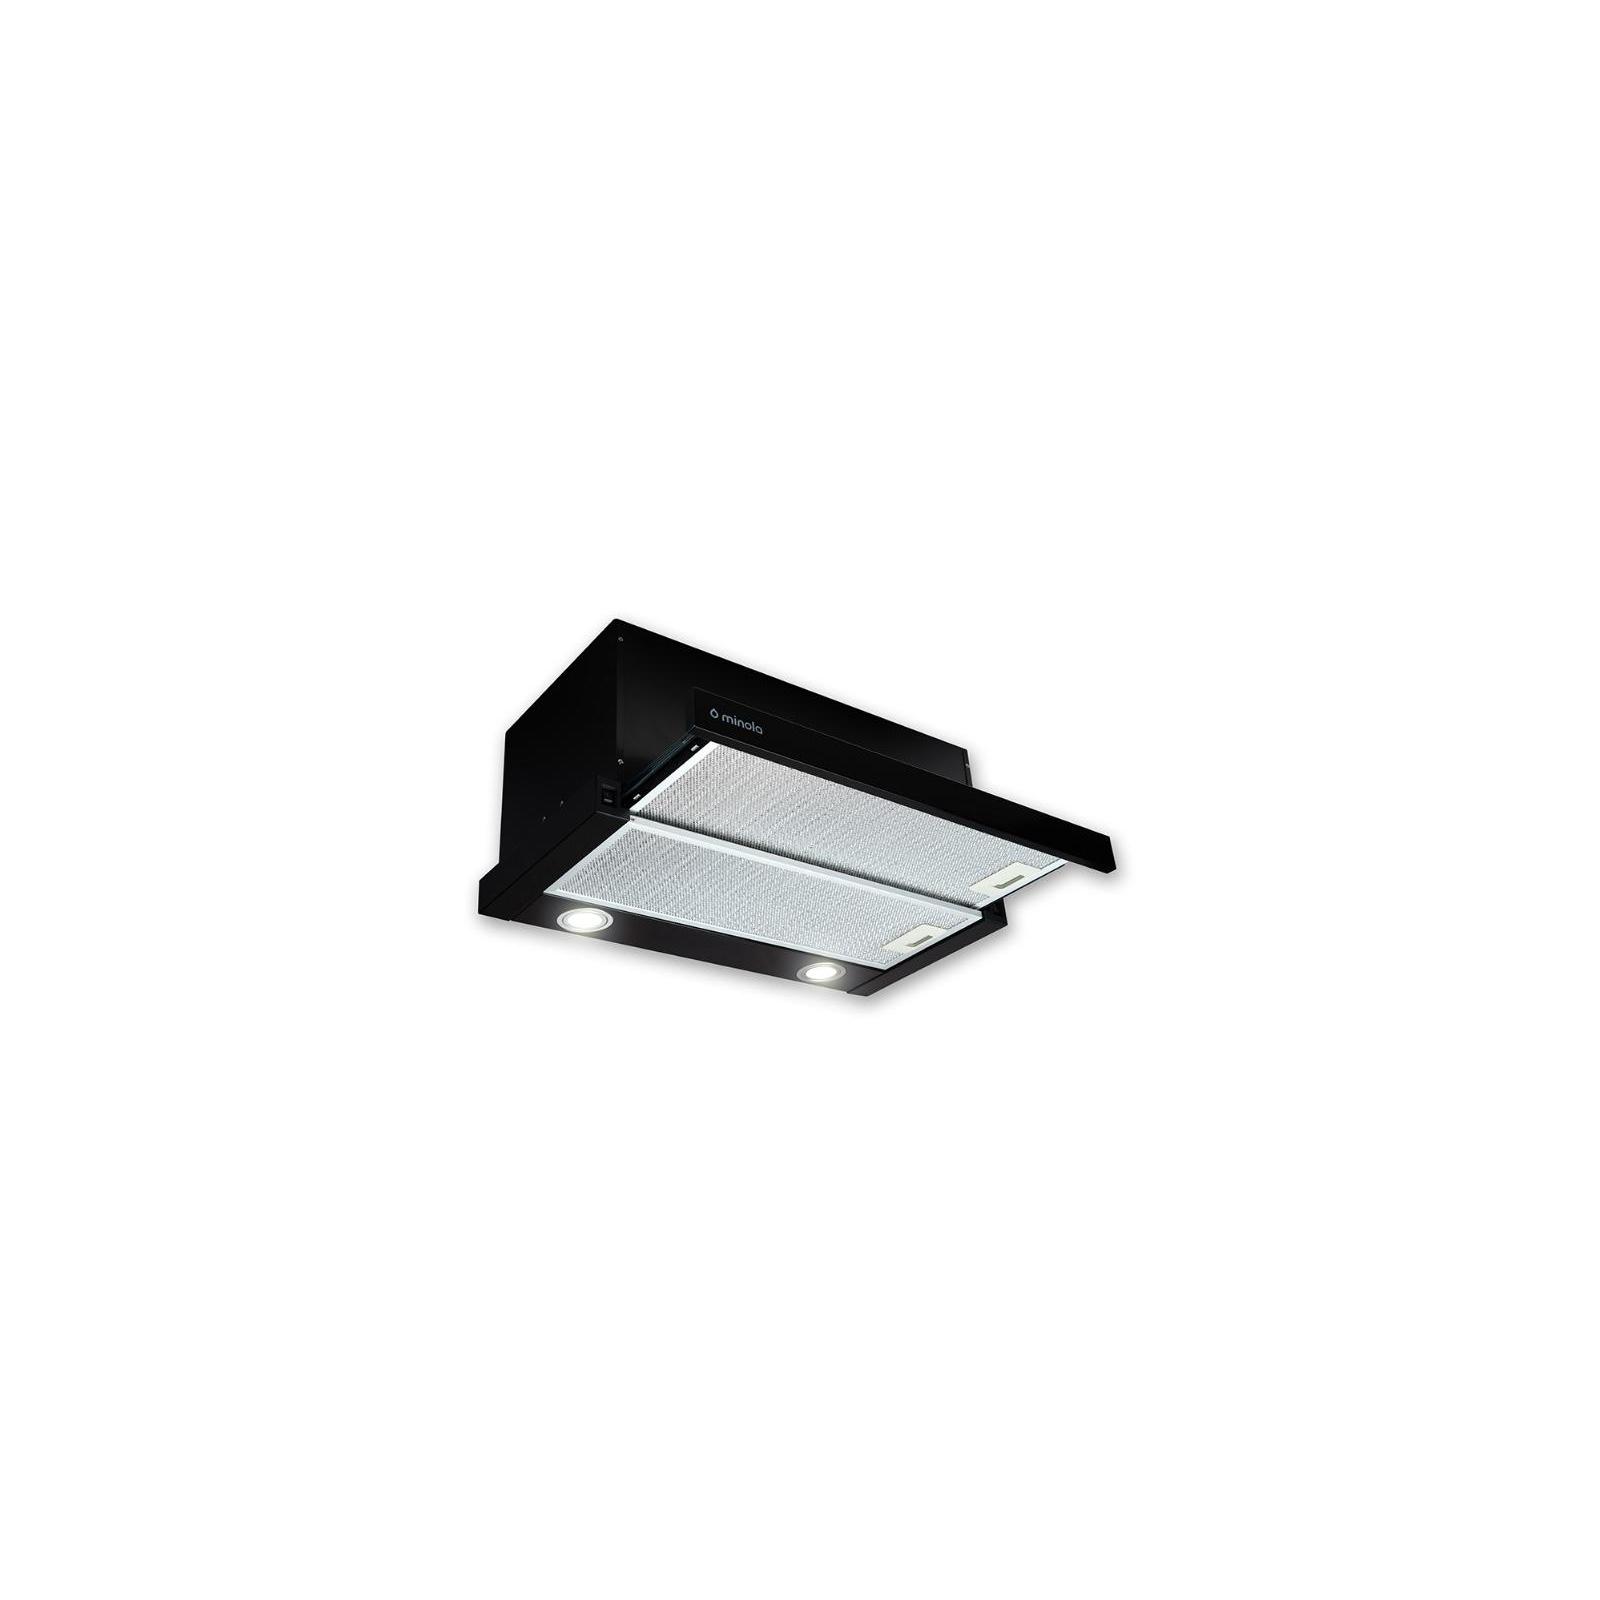 Вытяжка кухонная MINOLA HTL 6612 BL 1000 LED изображение 4